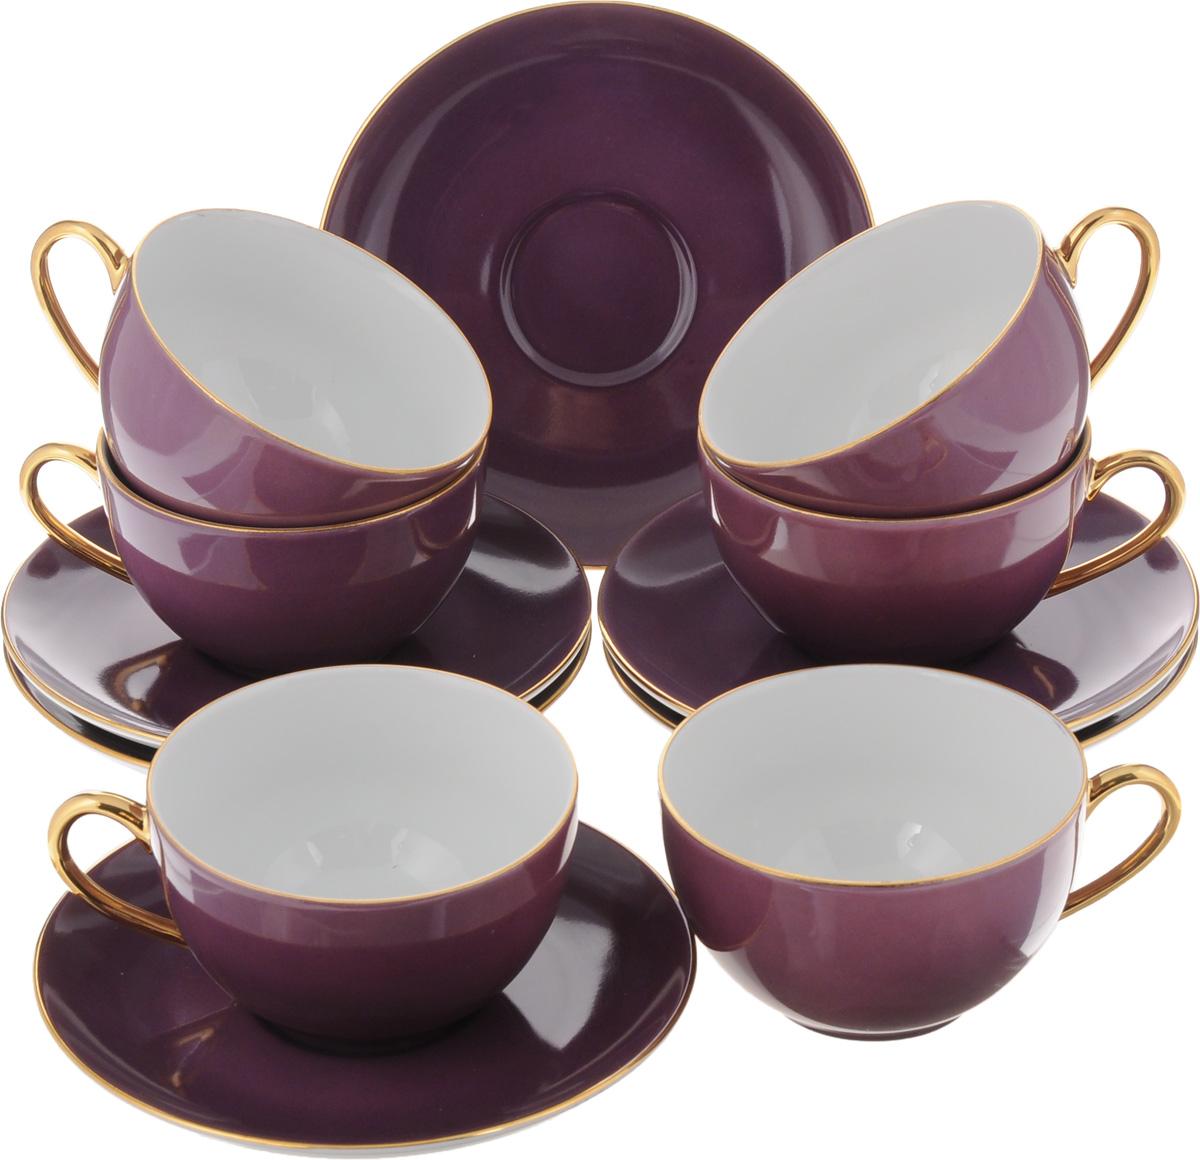 Набор чайный Yves De La Rosiere Monalisa, цвет: фиолетовый, 12 предметов619501 3124Чайный набор Yves De La Rosiere Monalisa состоит из 6 чашек и 6 блюдец, изготовленных из высококачественного фарфора. Такой набор прекрасно дополнит сервировку стола к чаепитию, а также станет замечательным подарком для ваших друзей и близких. Объем чашки: 220 мл. Диаметр чашки по верхнему краю: 9,5 см. Высота чашки: 5,5 см. Диаметр блюдца: 15 см.Высота блюдца: 2 см.